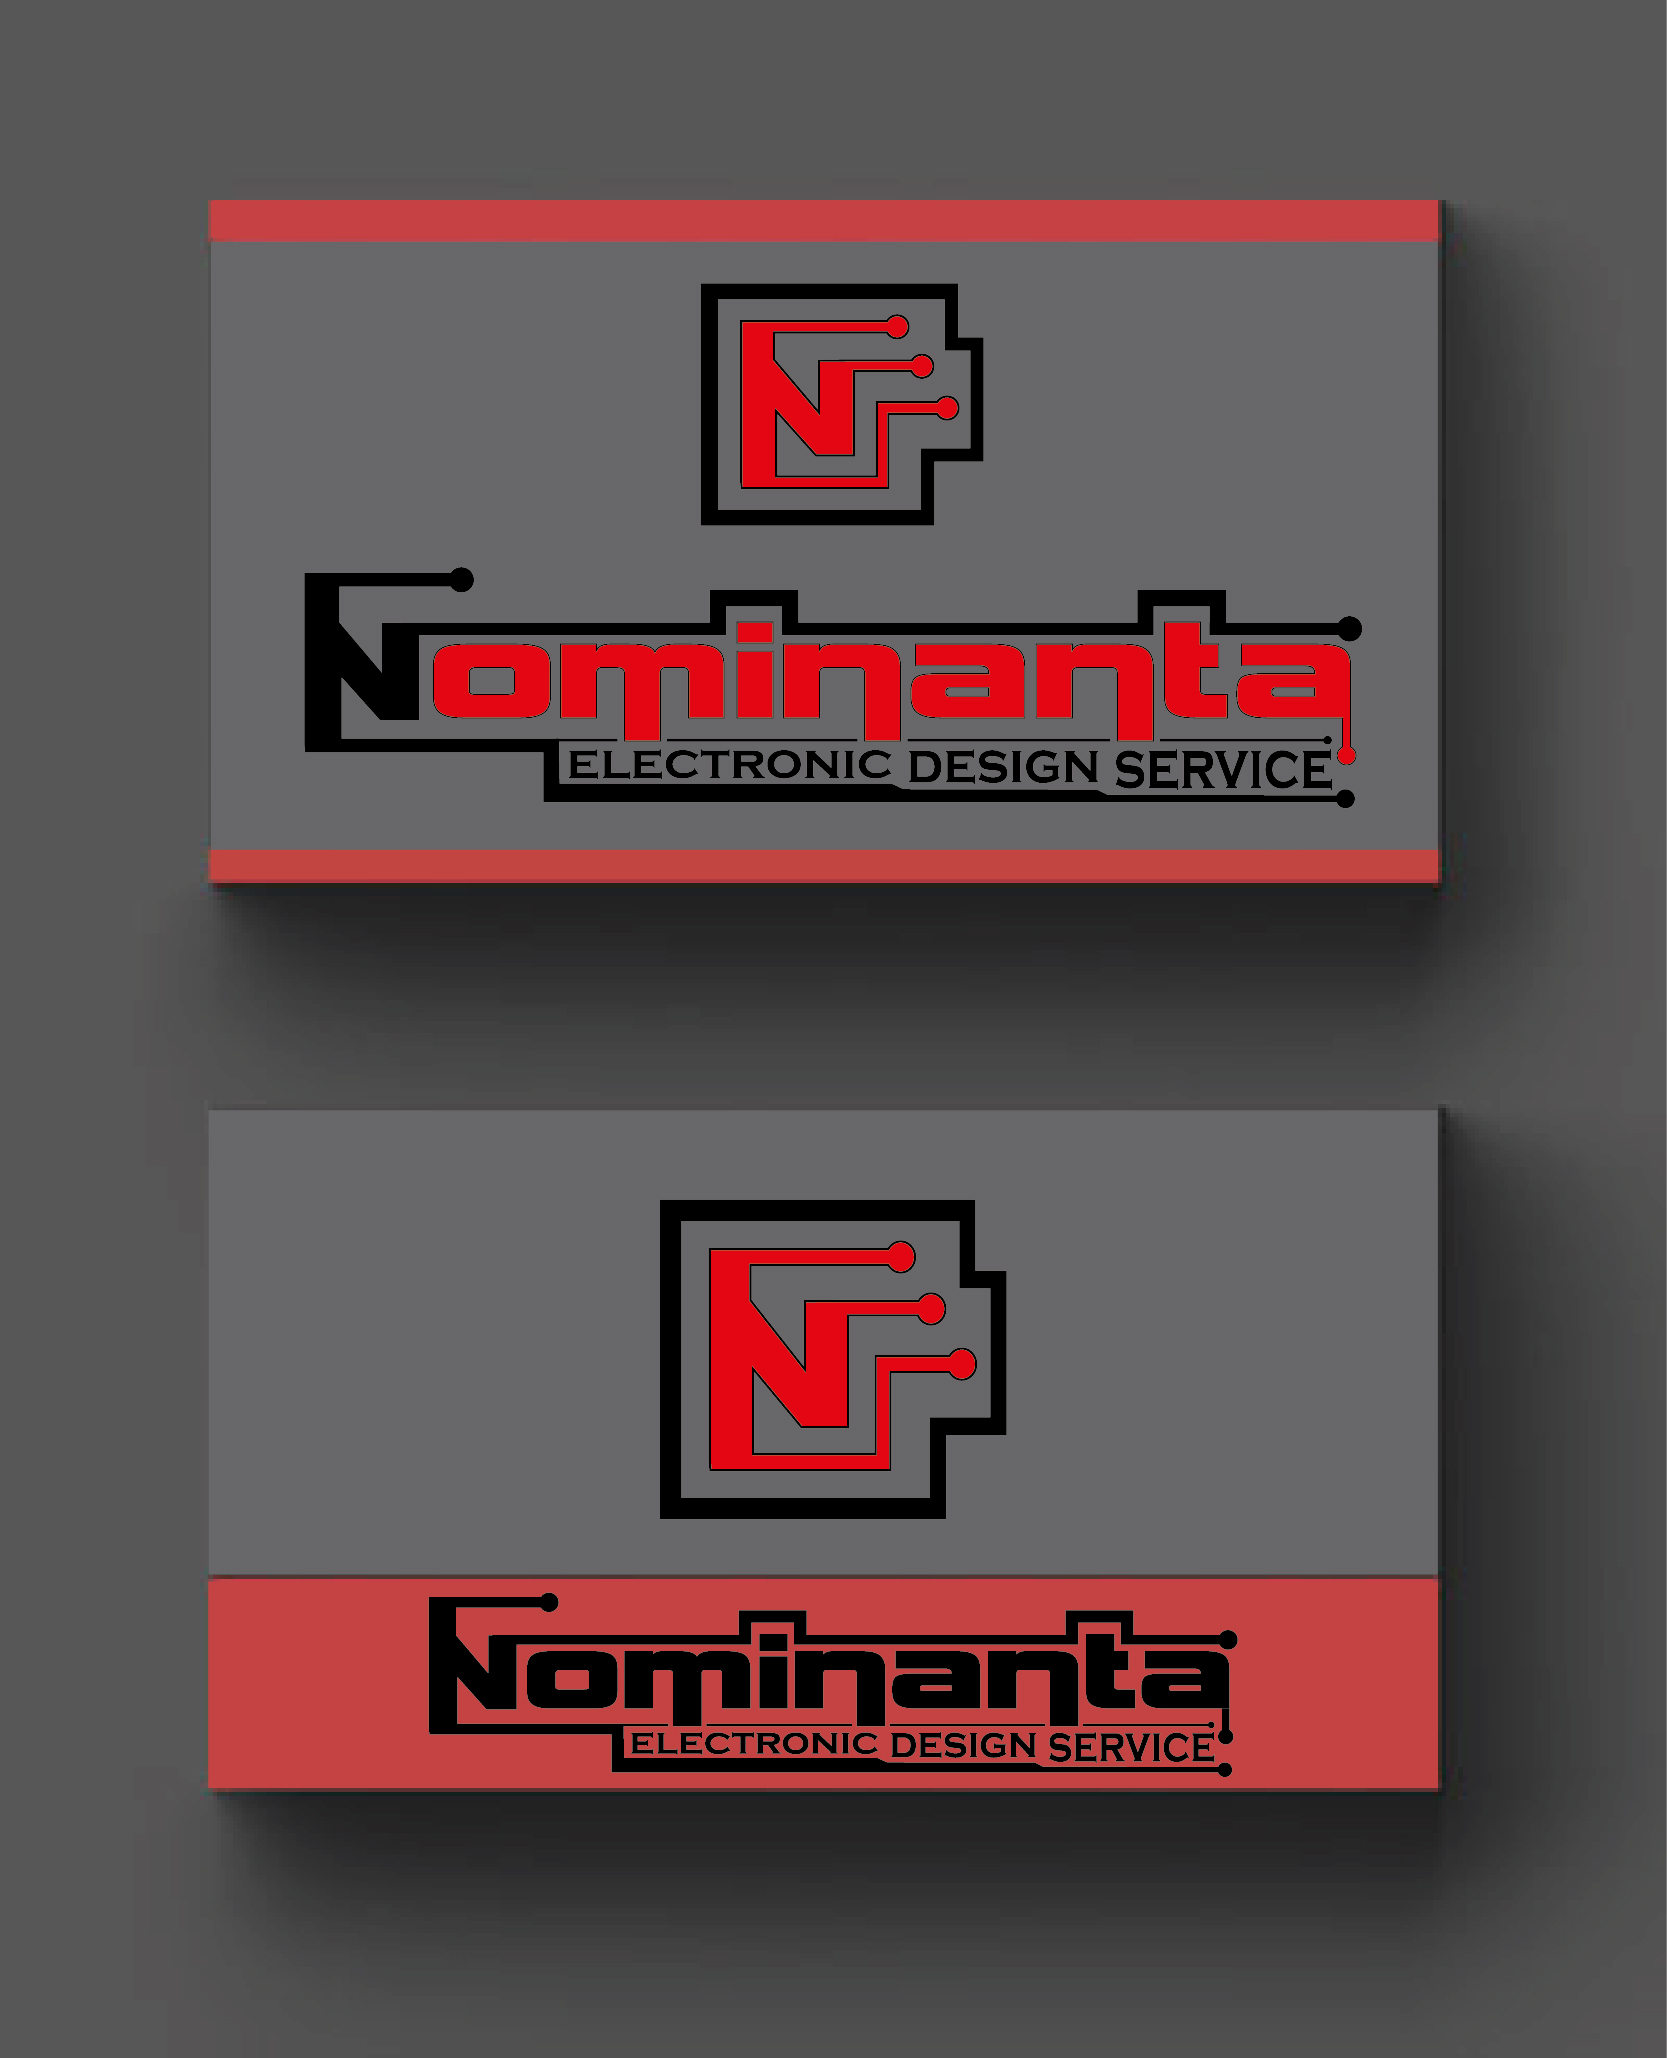 Разработать логотип для КБ по разработке электроники фото f_7325e3e9be560987.jpg